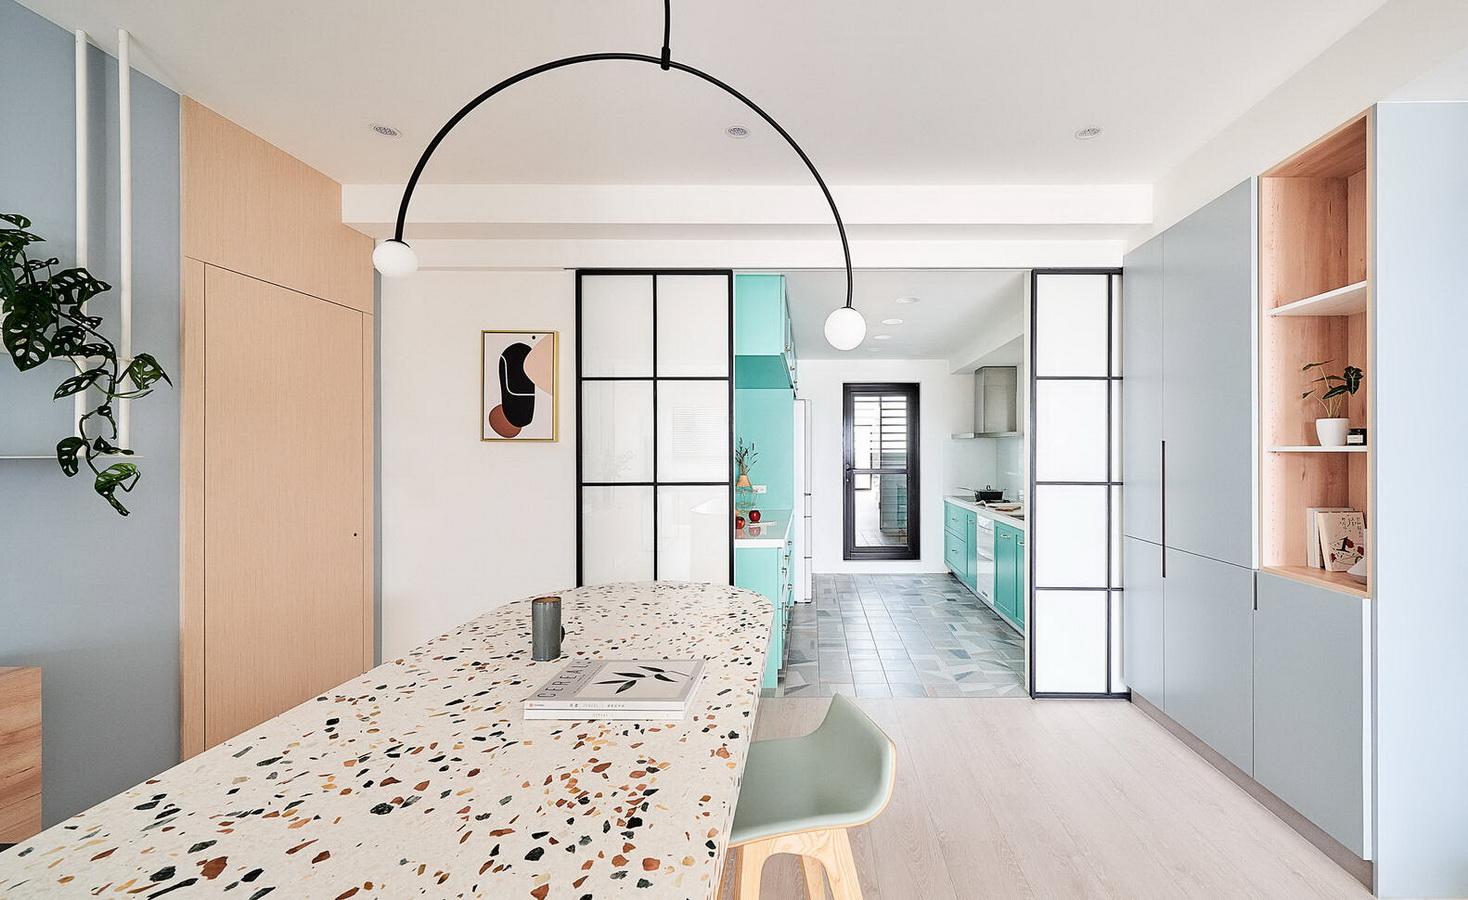 NeOn Apartment - Căn hộ tràn ngập niềm vui nhờ những gam màu tươi sáng, dễ thương